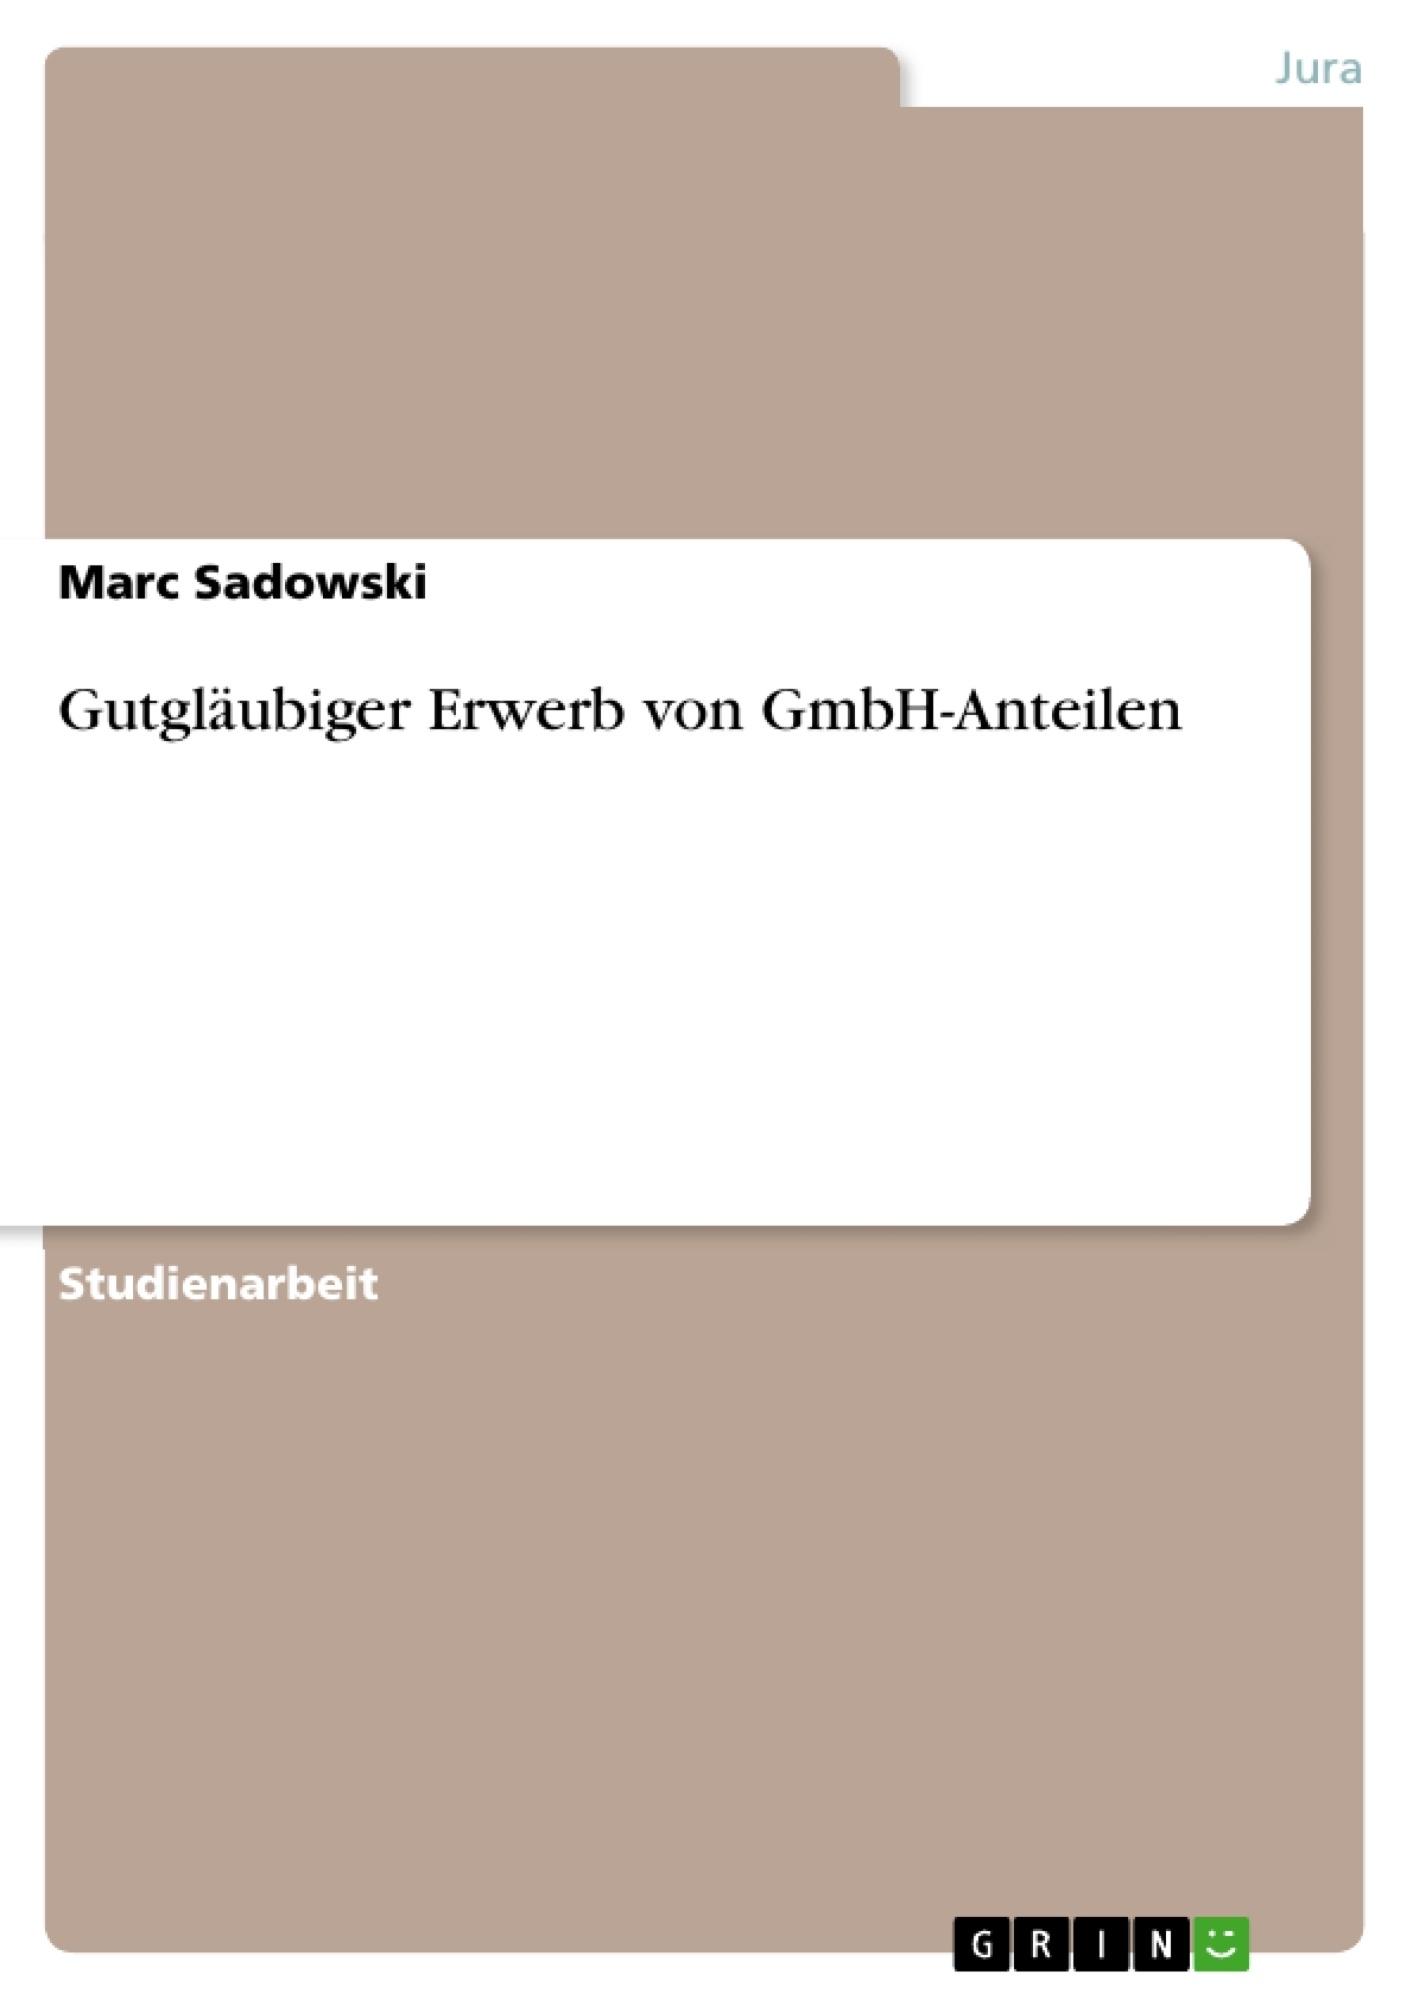 Titel: Gutgläubiger Erwerb von GmbH-Anteilen